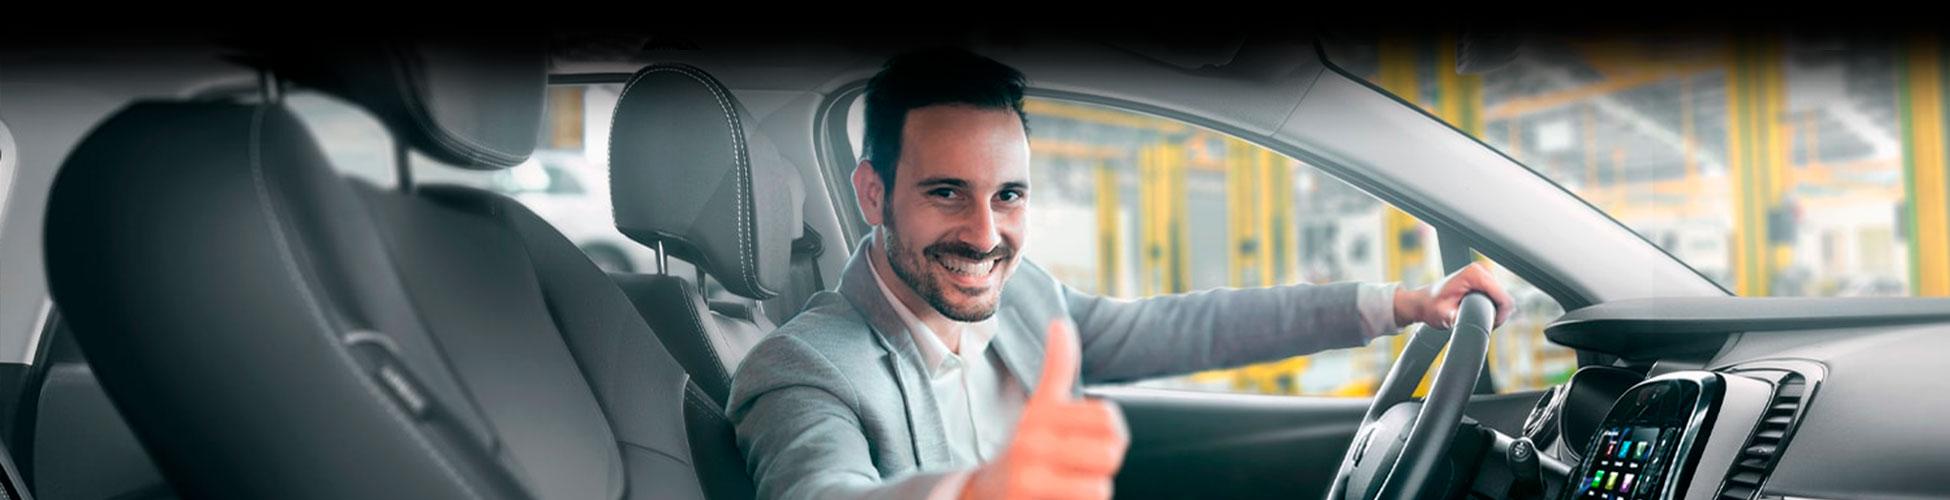 Диагностика за 499₽ Для вторых владельцев Renault